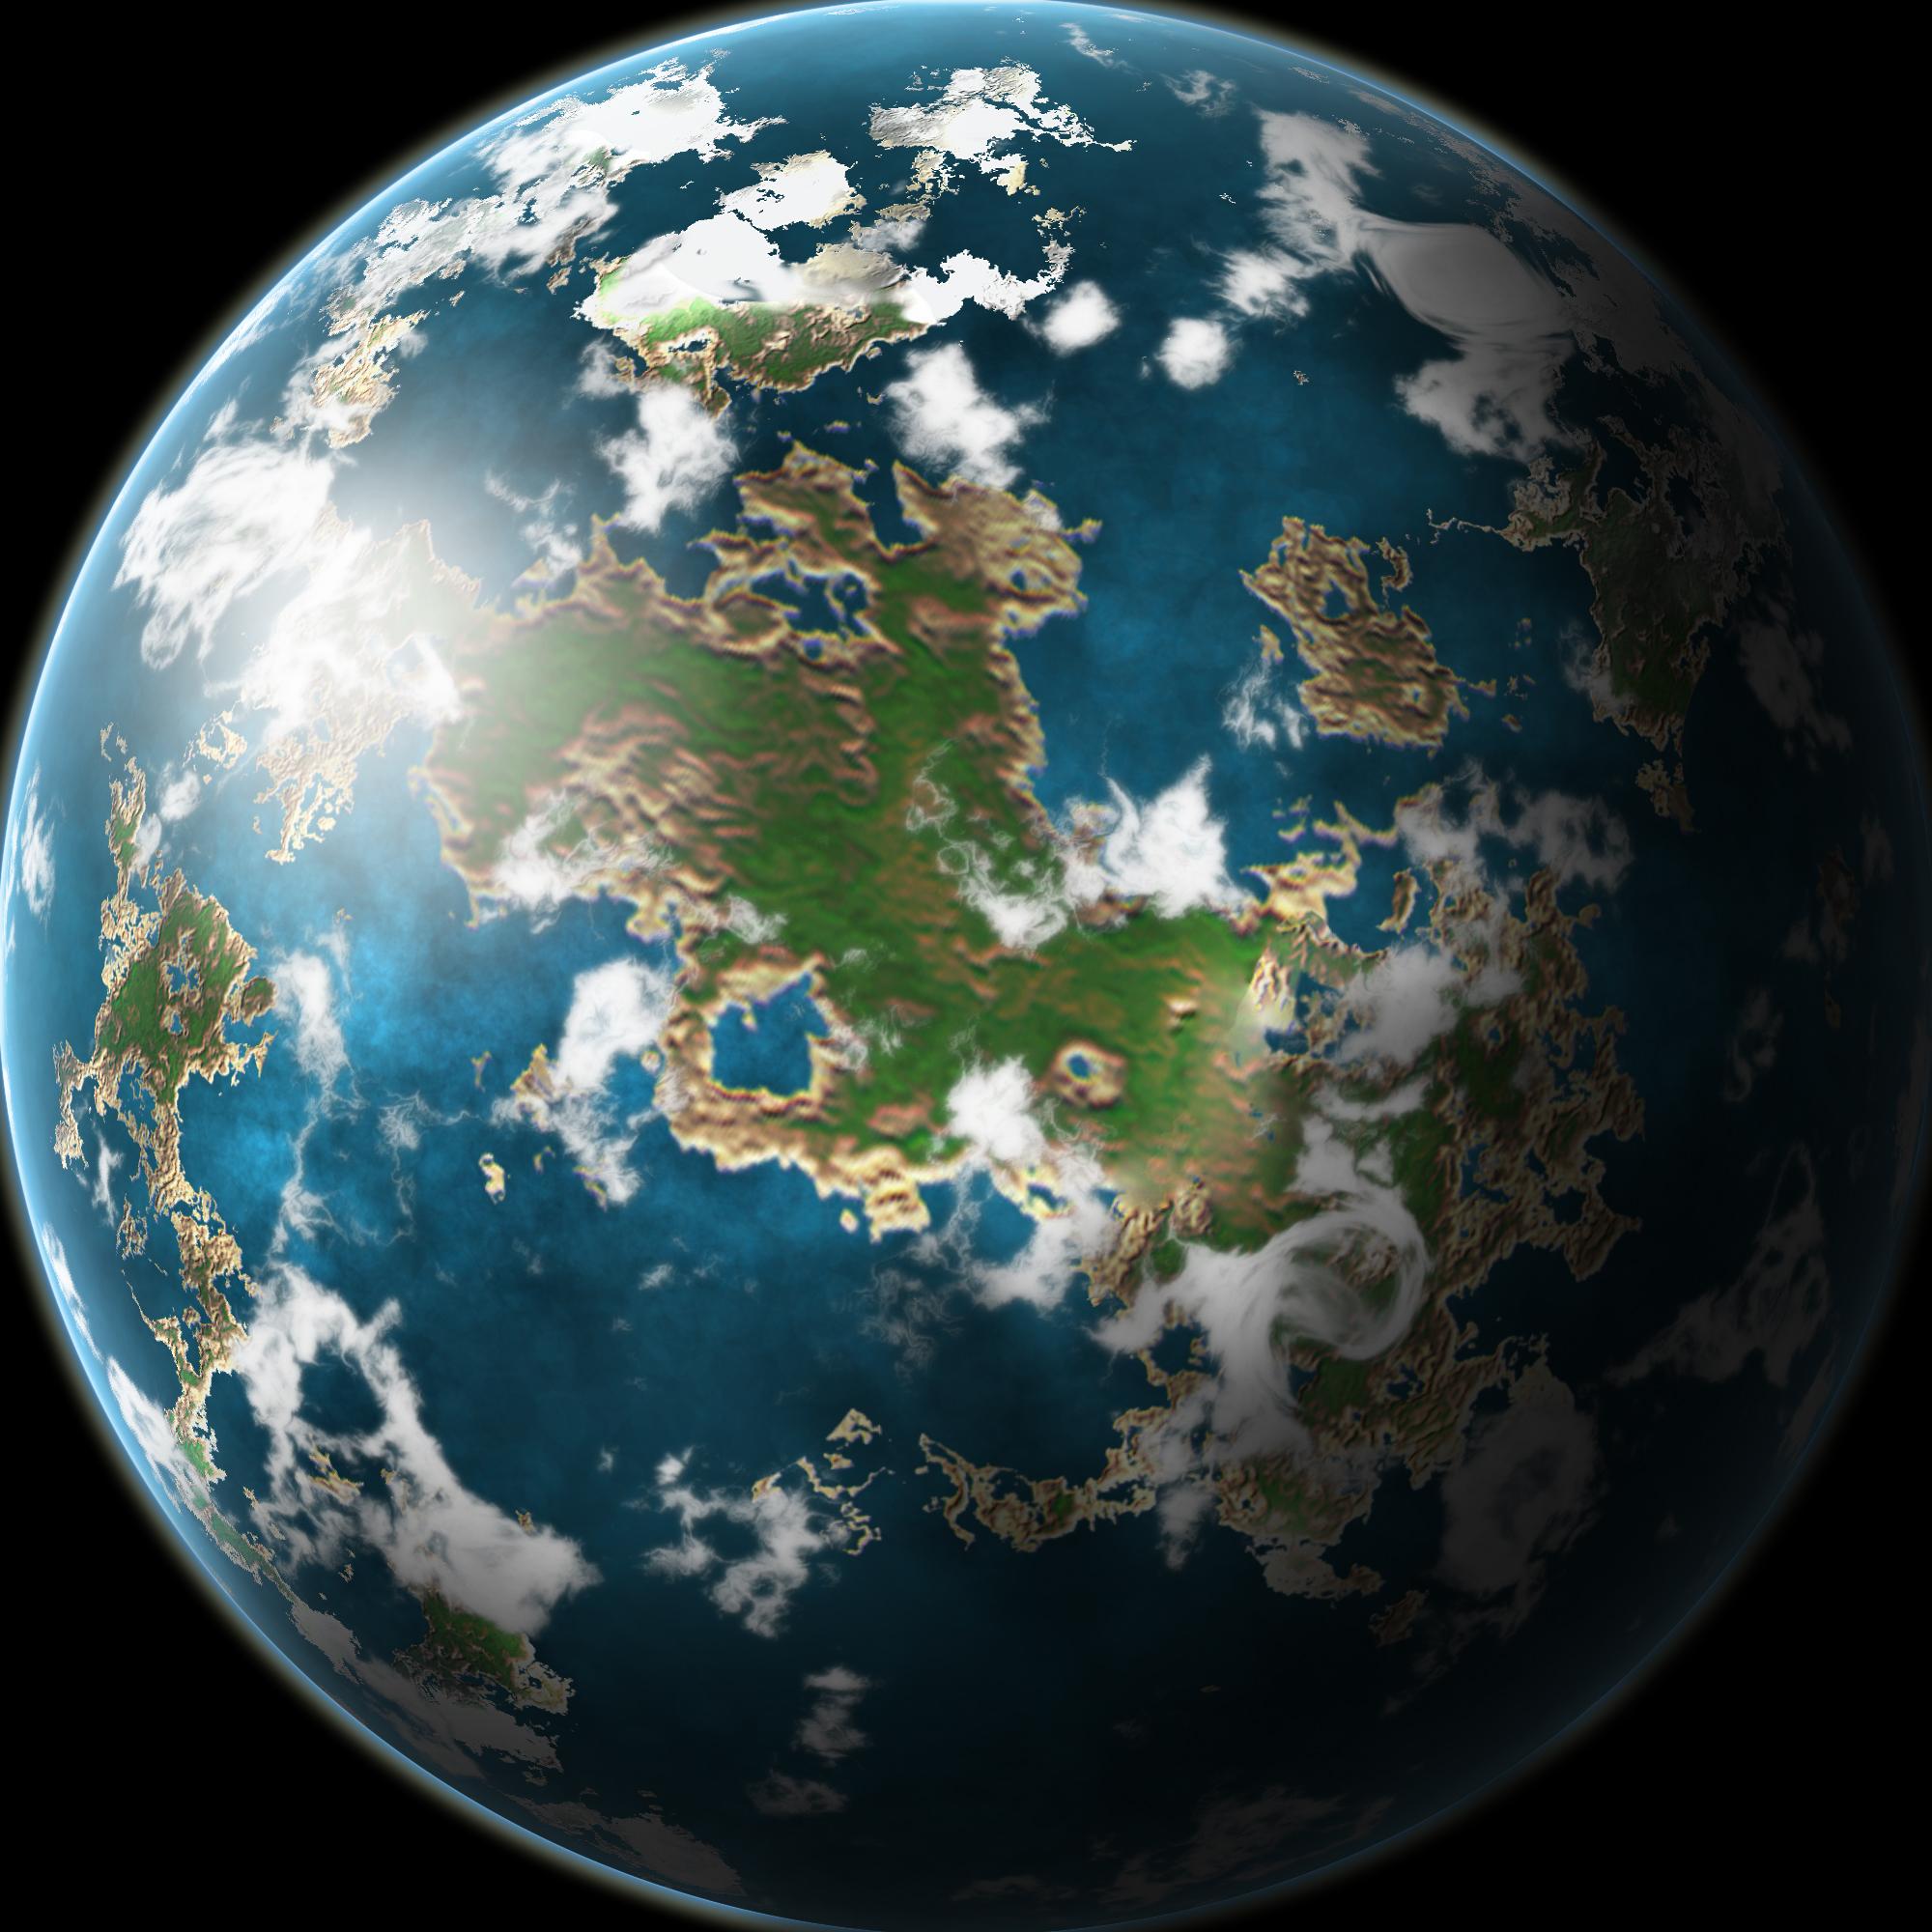 Earthlike Planet by Thobewill on DeviantArt